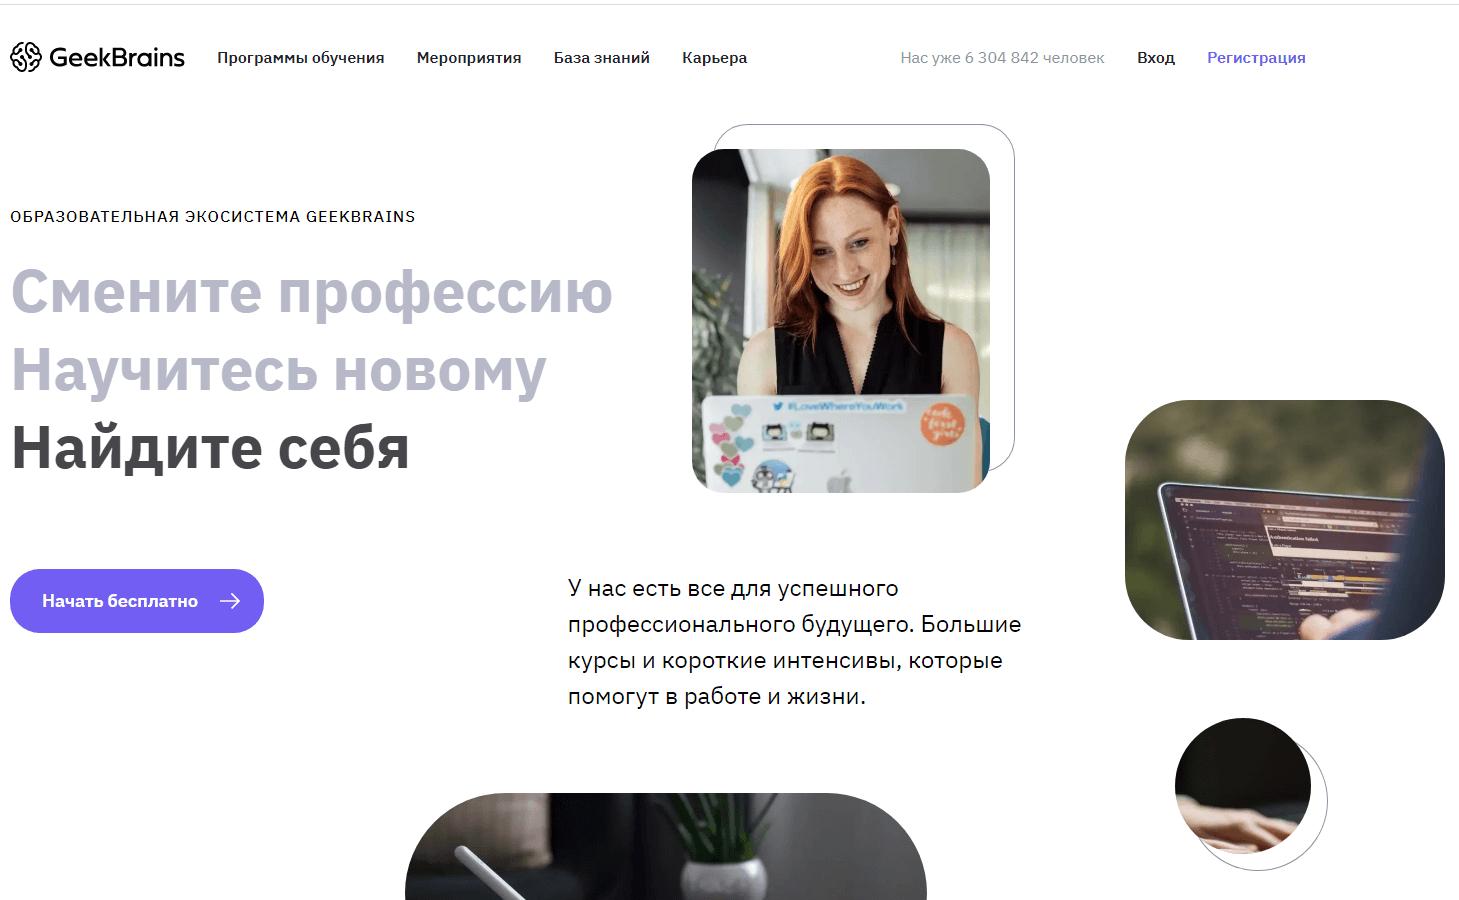 gb.ru website